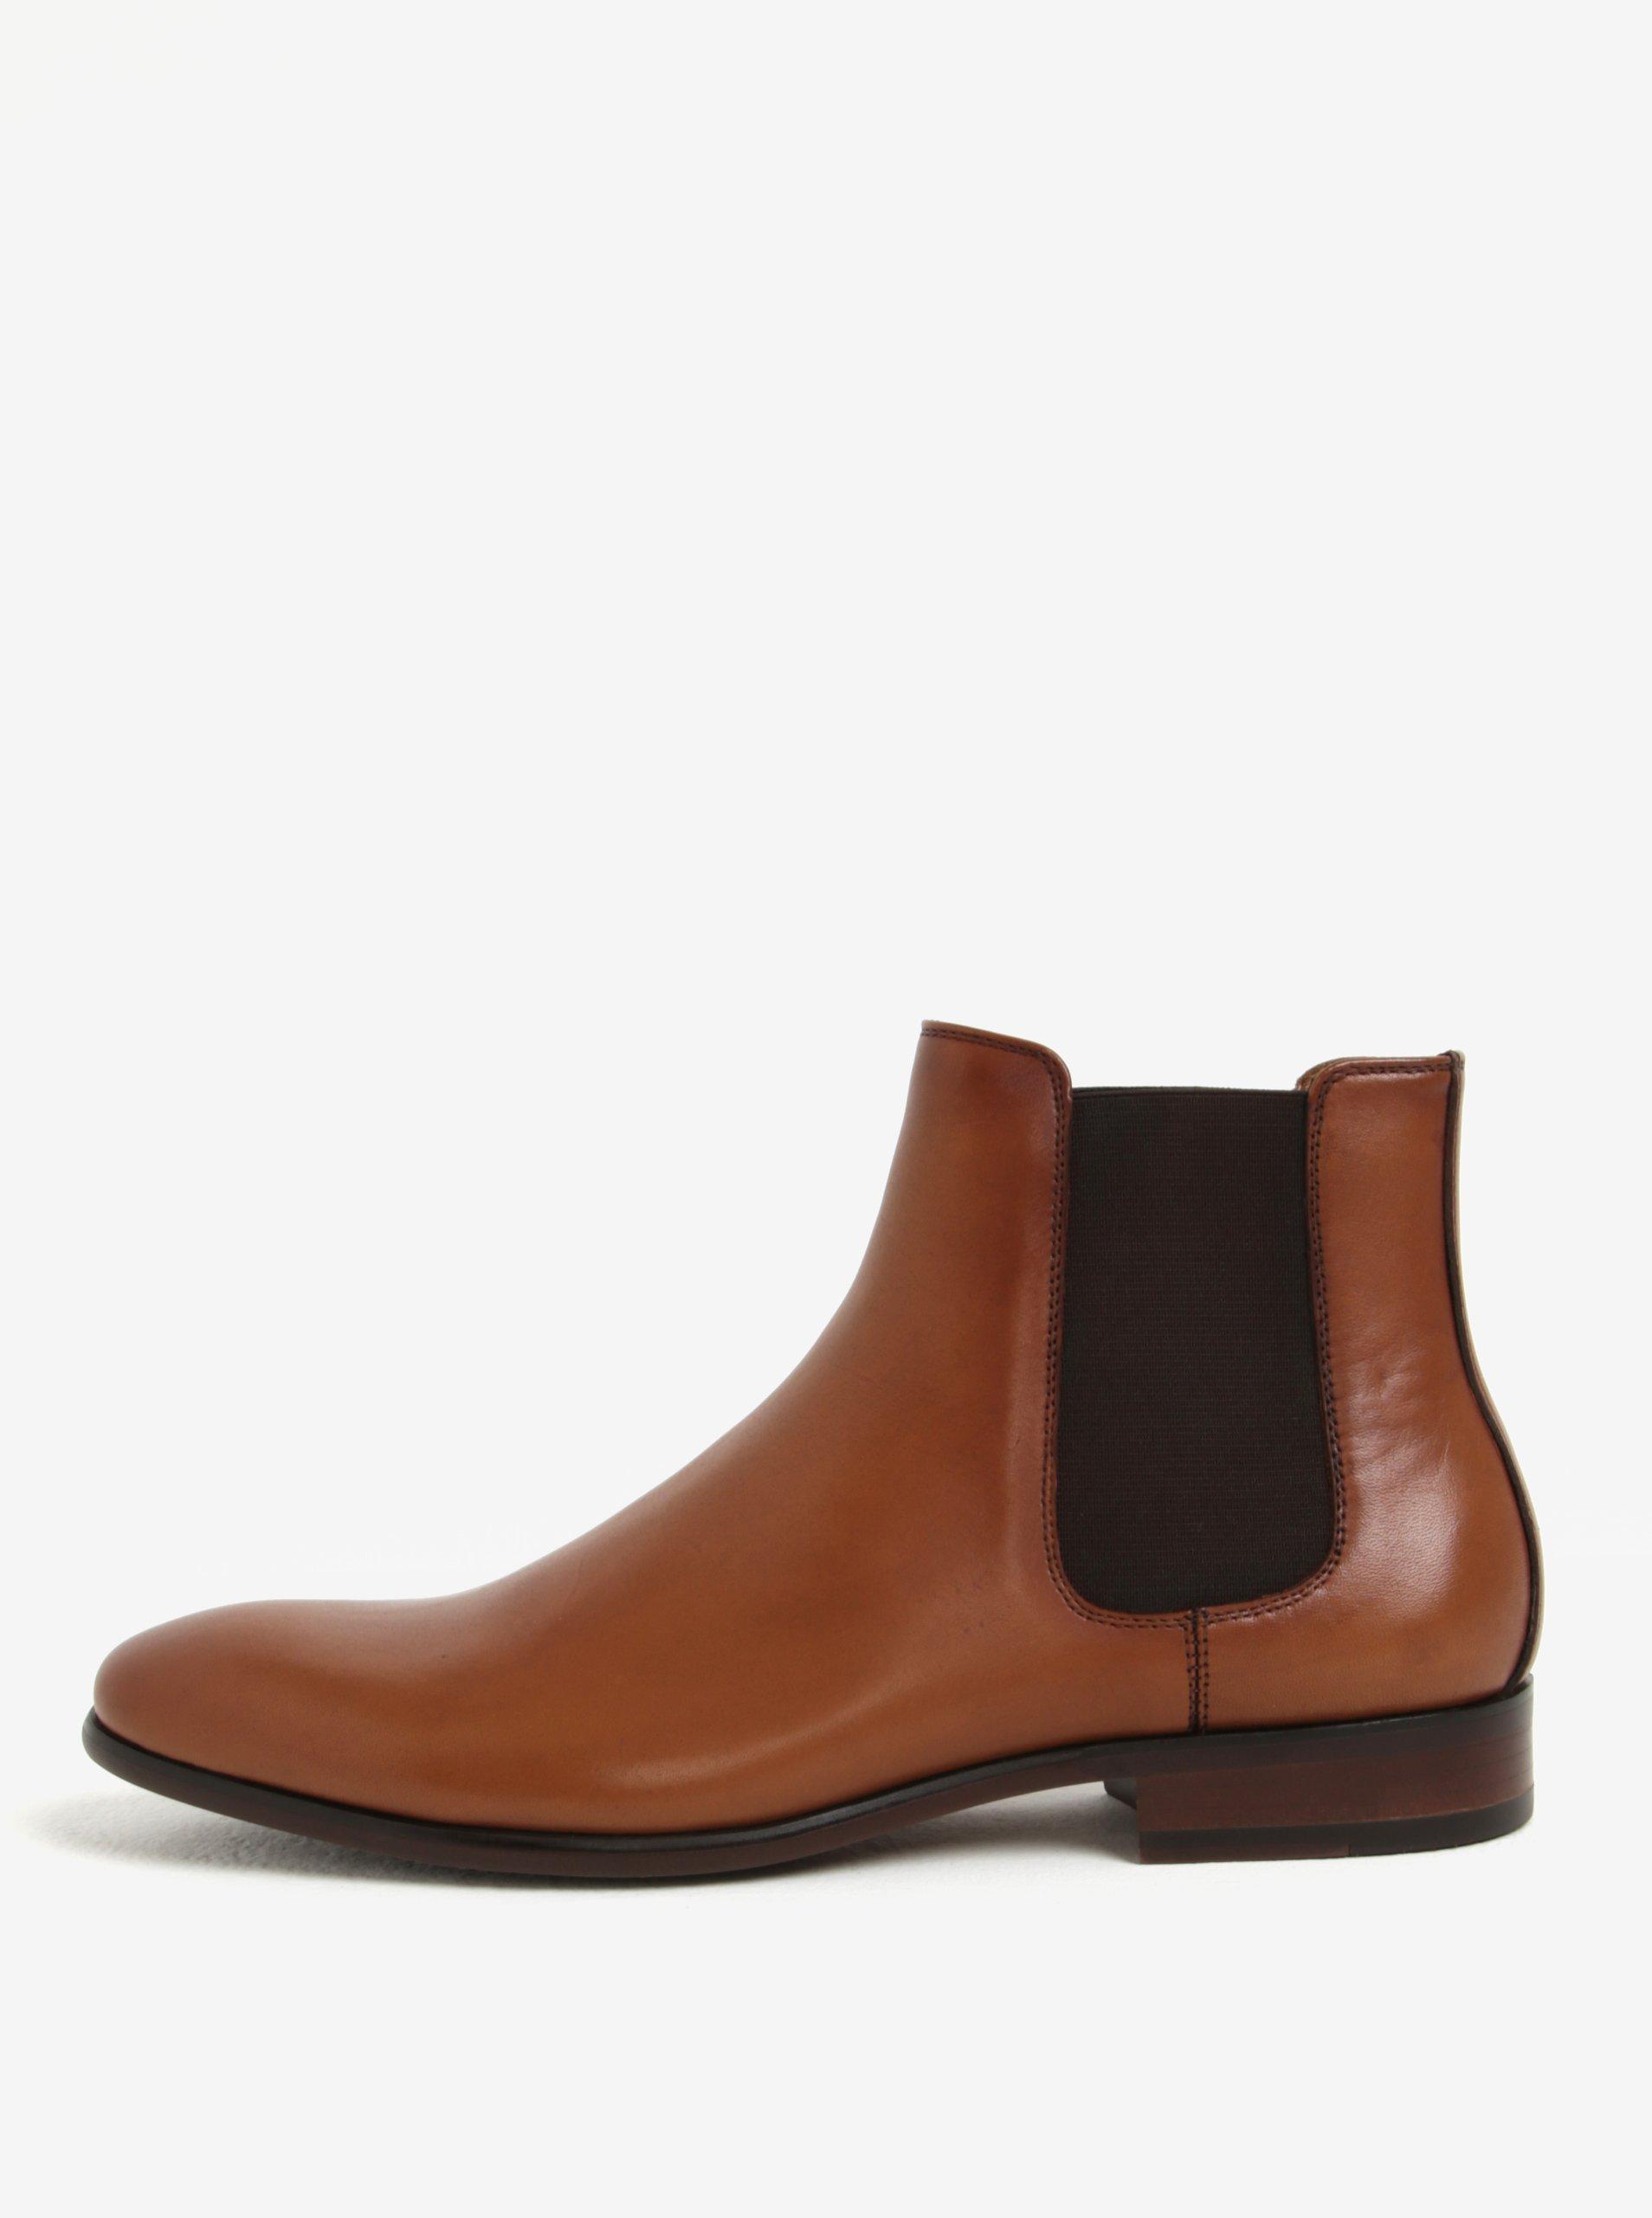 Hnědé pánské kožené chelsea boty ALDO Aradowen